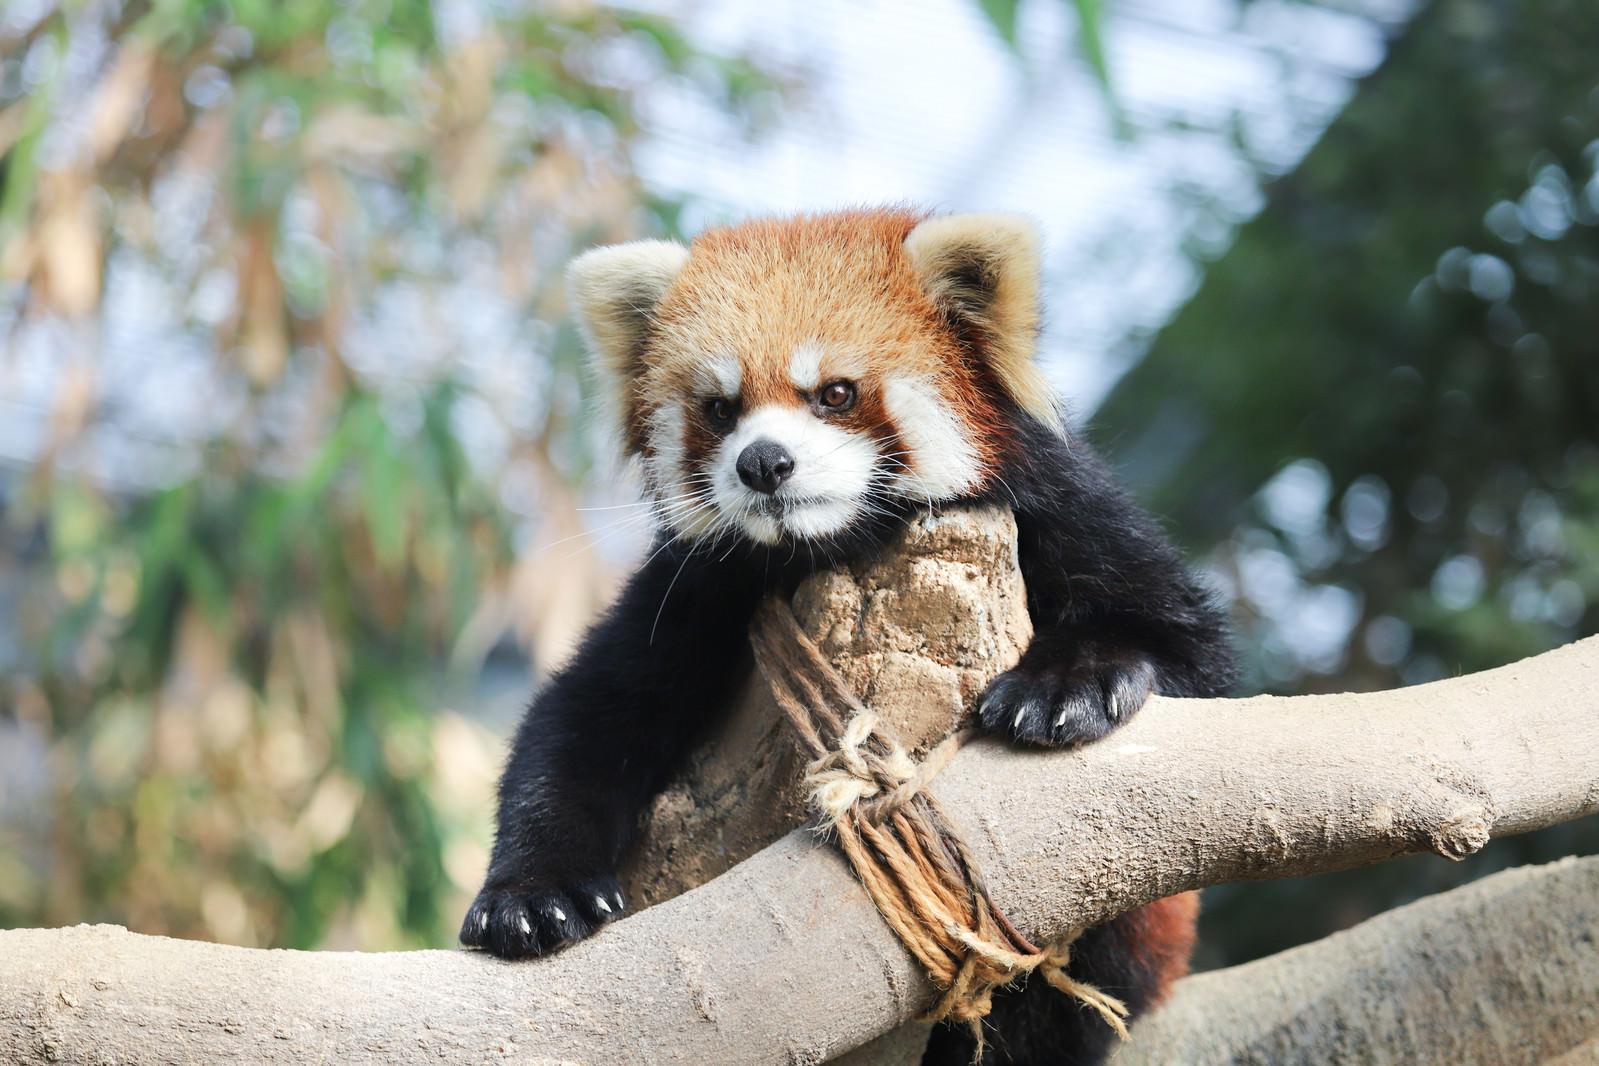 「木に登り辺りを見回すレッサーパンダ」の写真